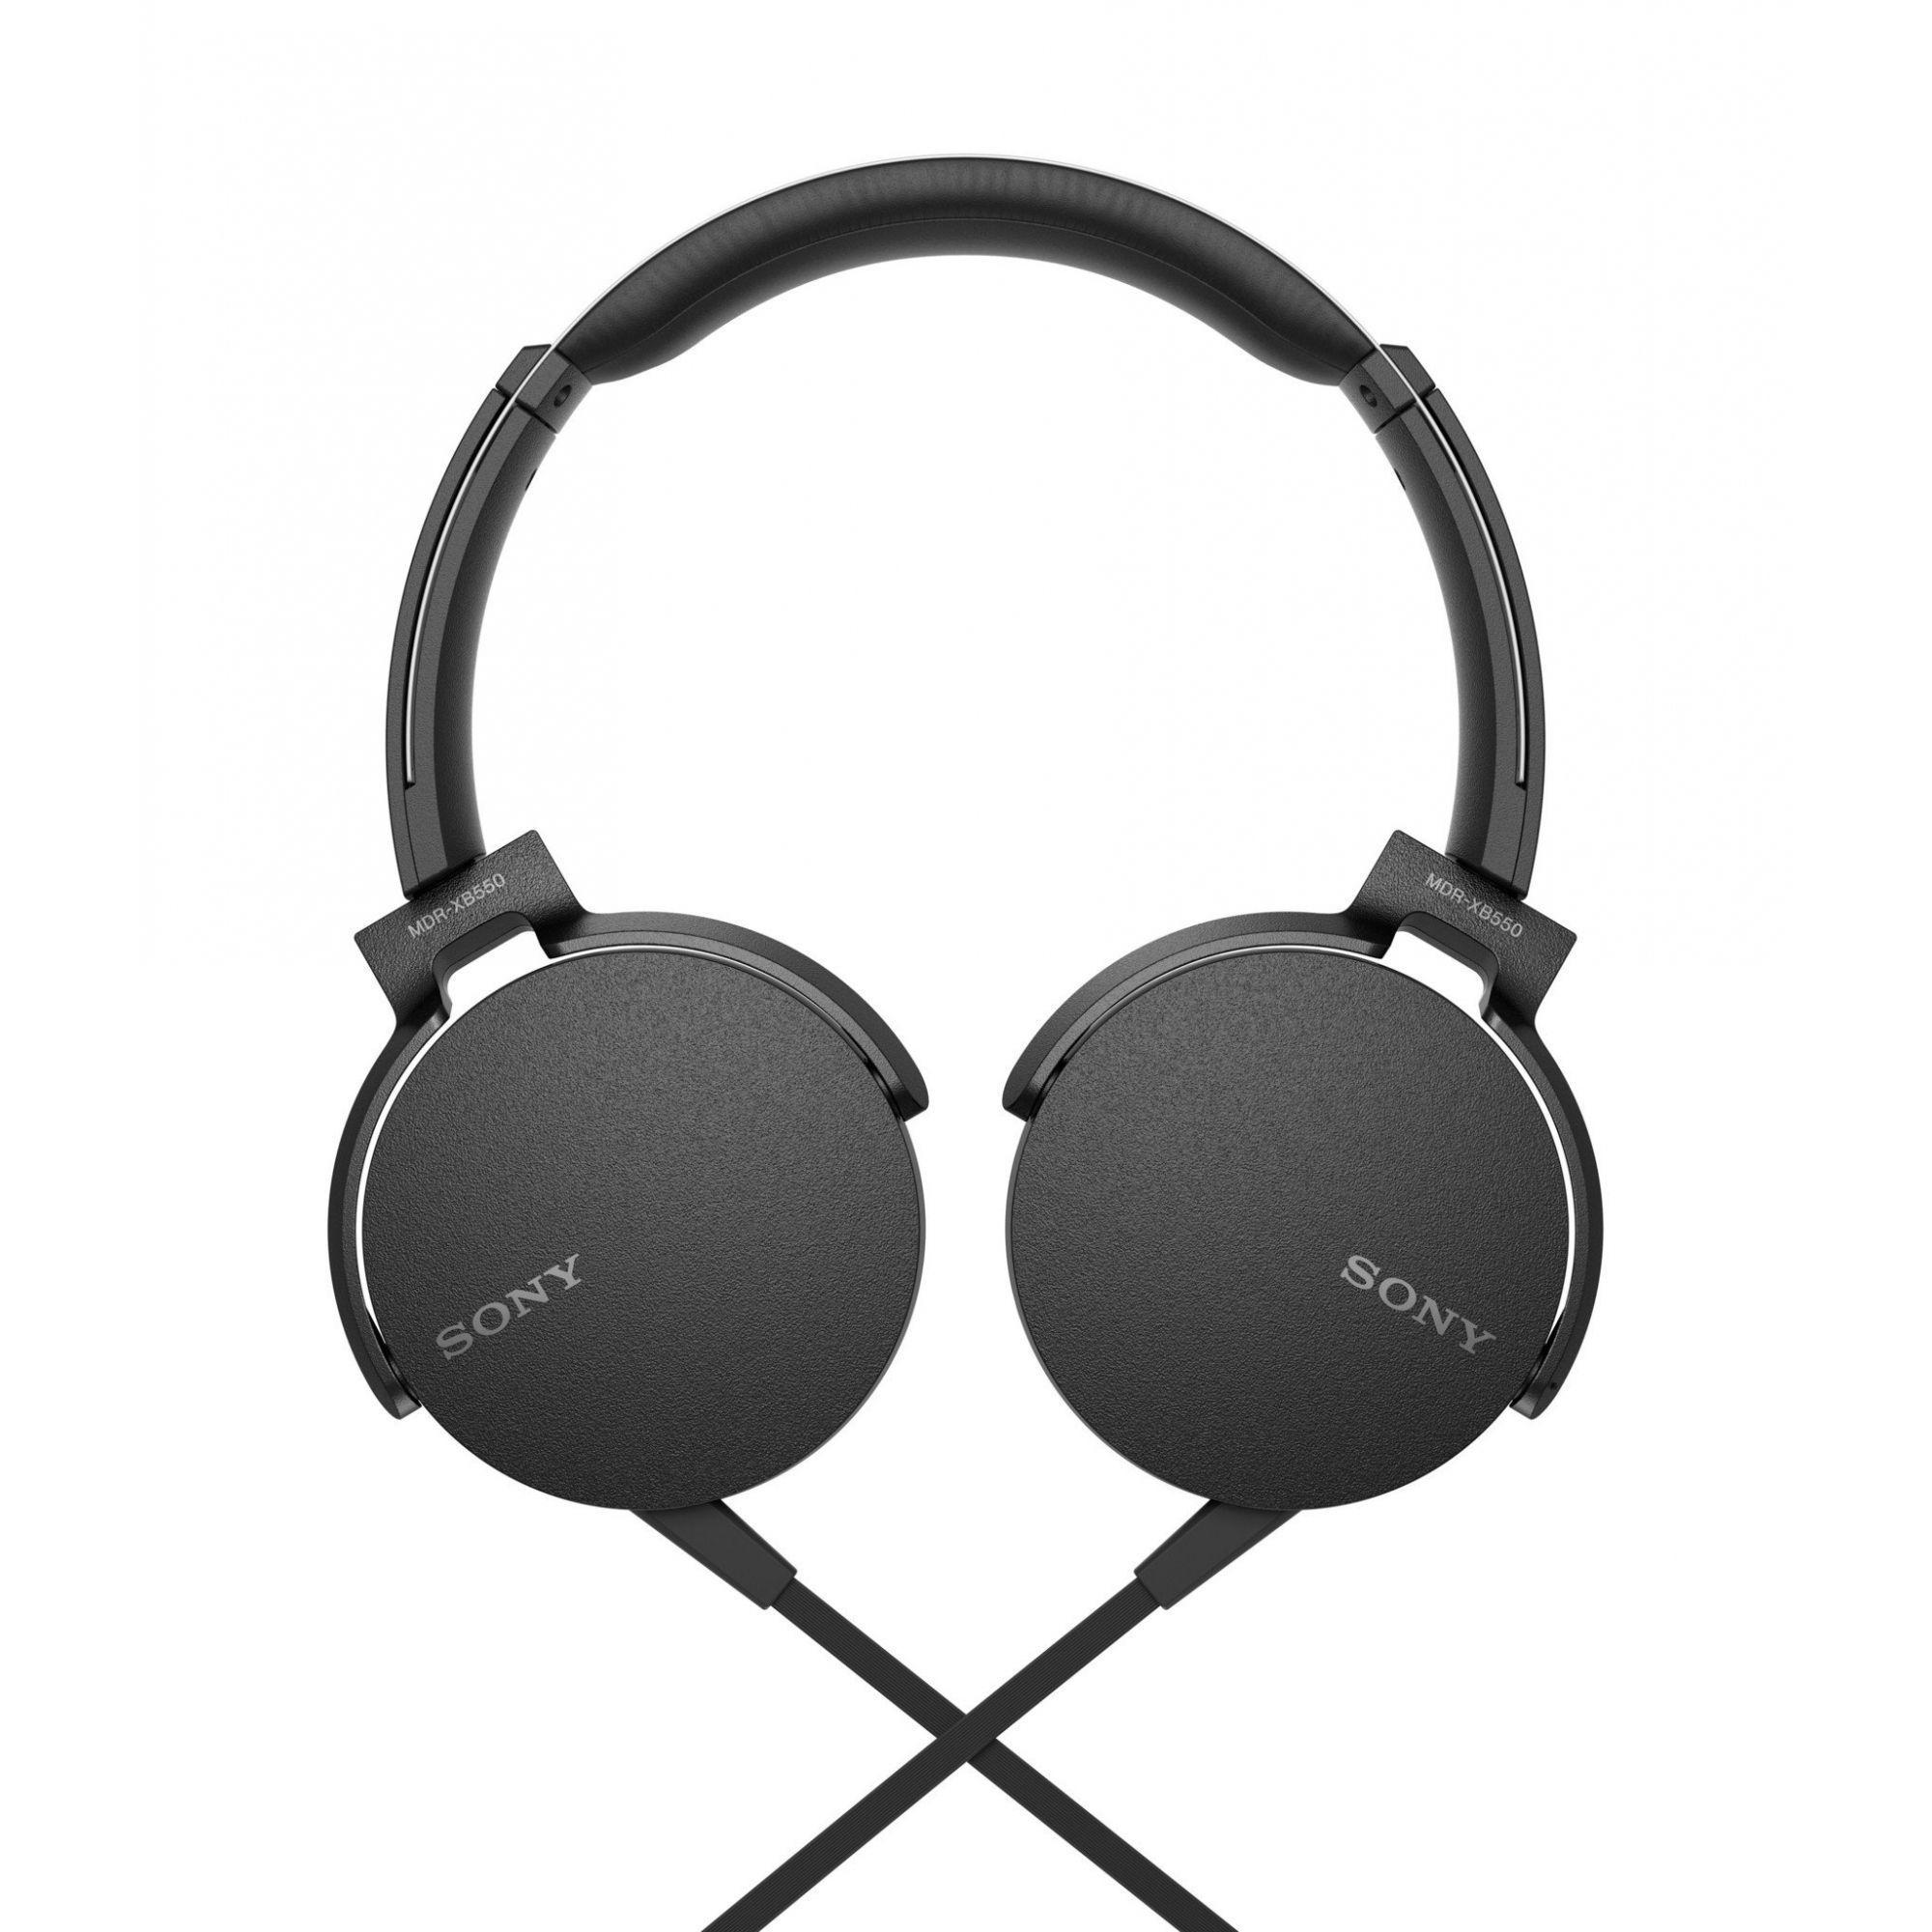 Fone de Ouvido Sony - MDR-XB550AP - PRETO  - Pensou Filtros